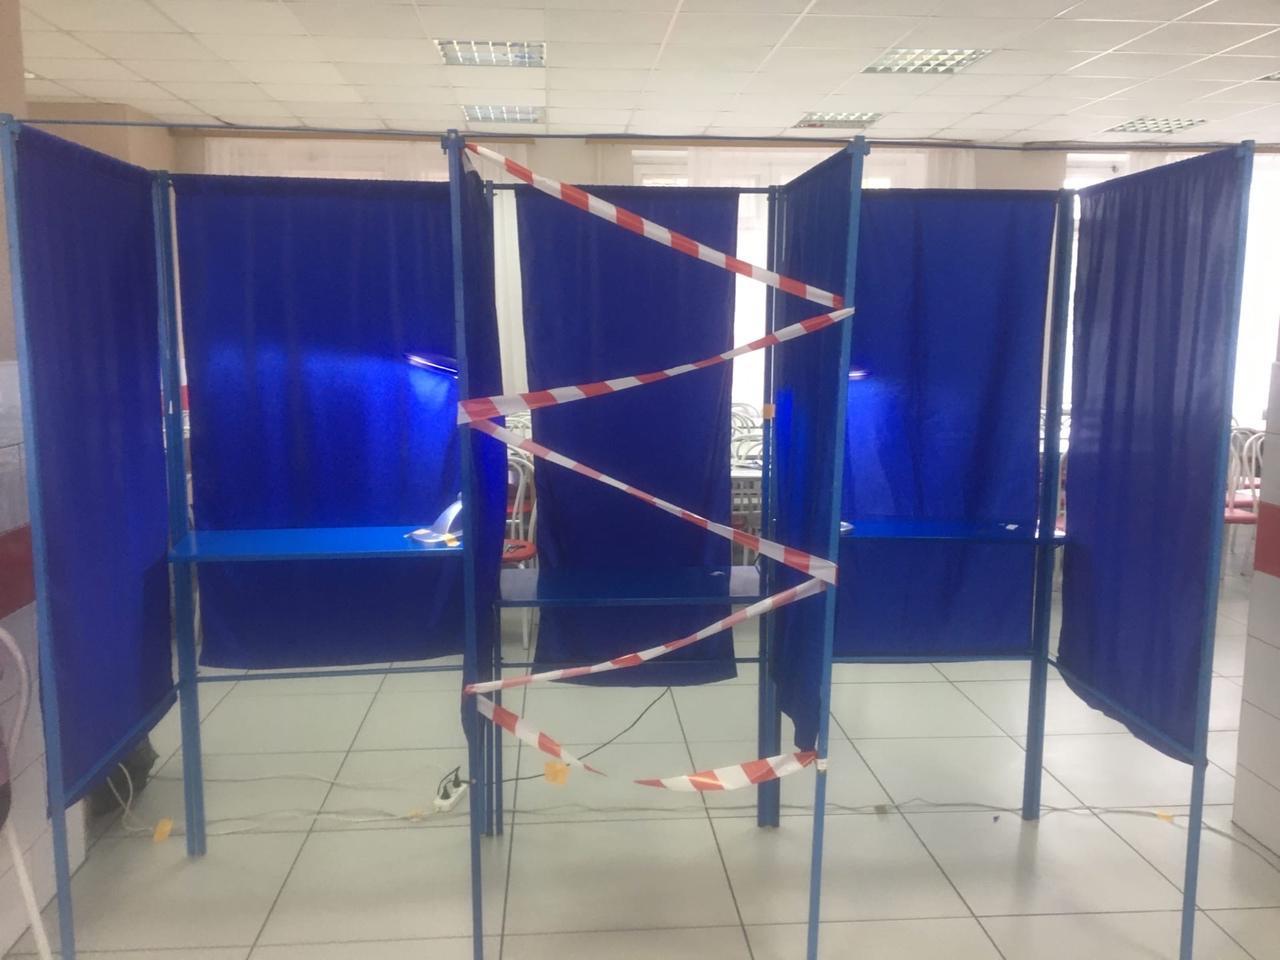 Фото Выборы в Новосибирске: онлайн дня голосования за депутатов Госдумы 19 сентября 2021 года 42